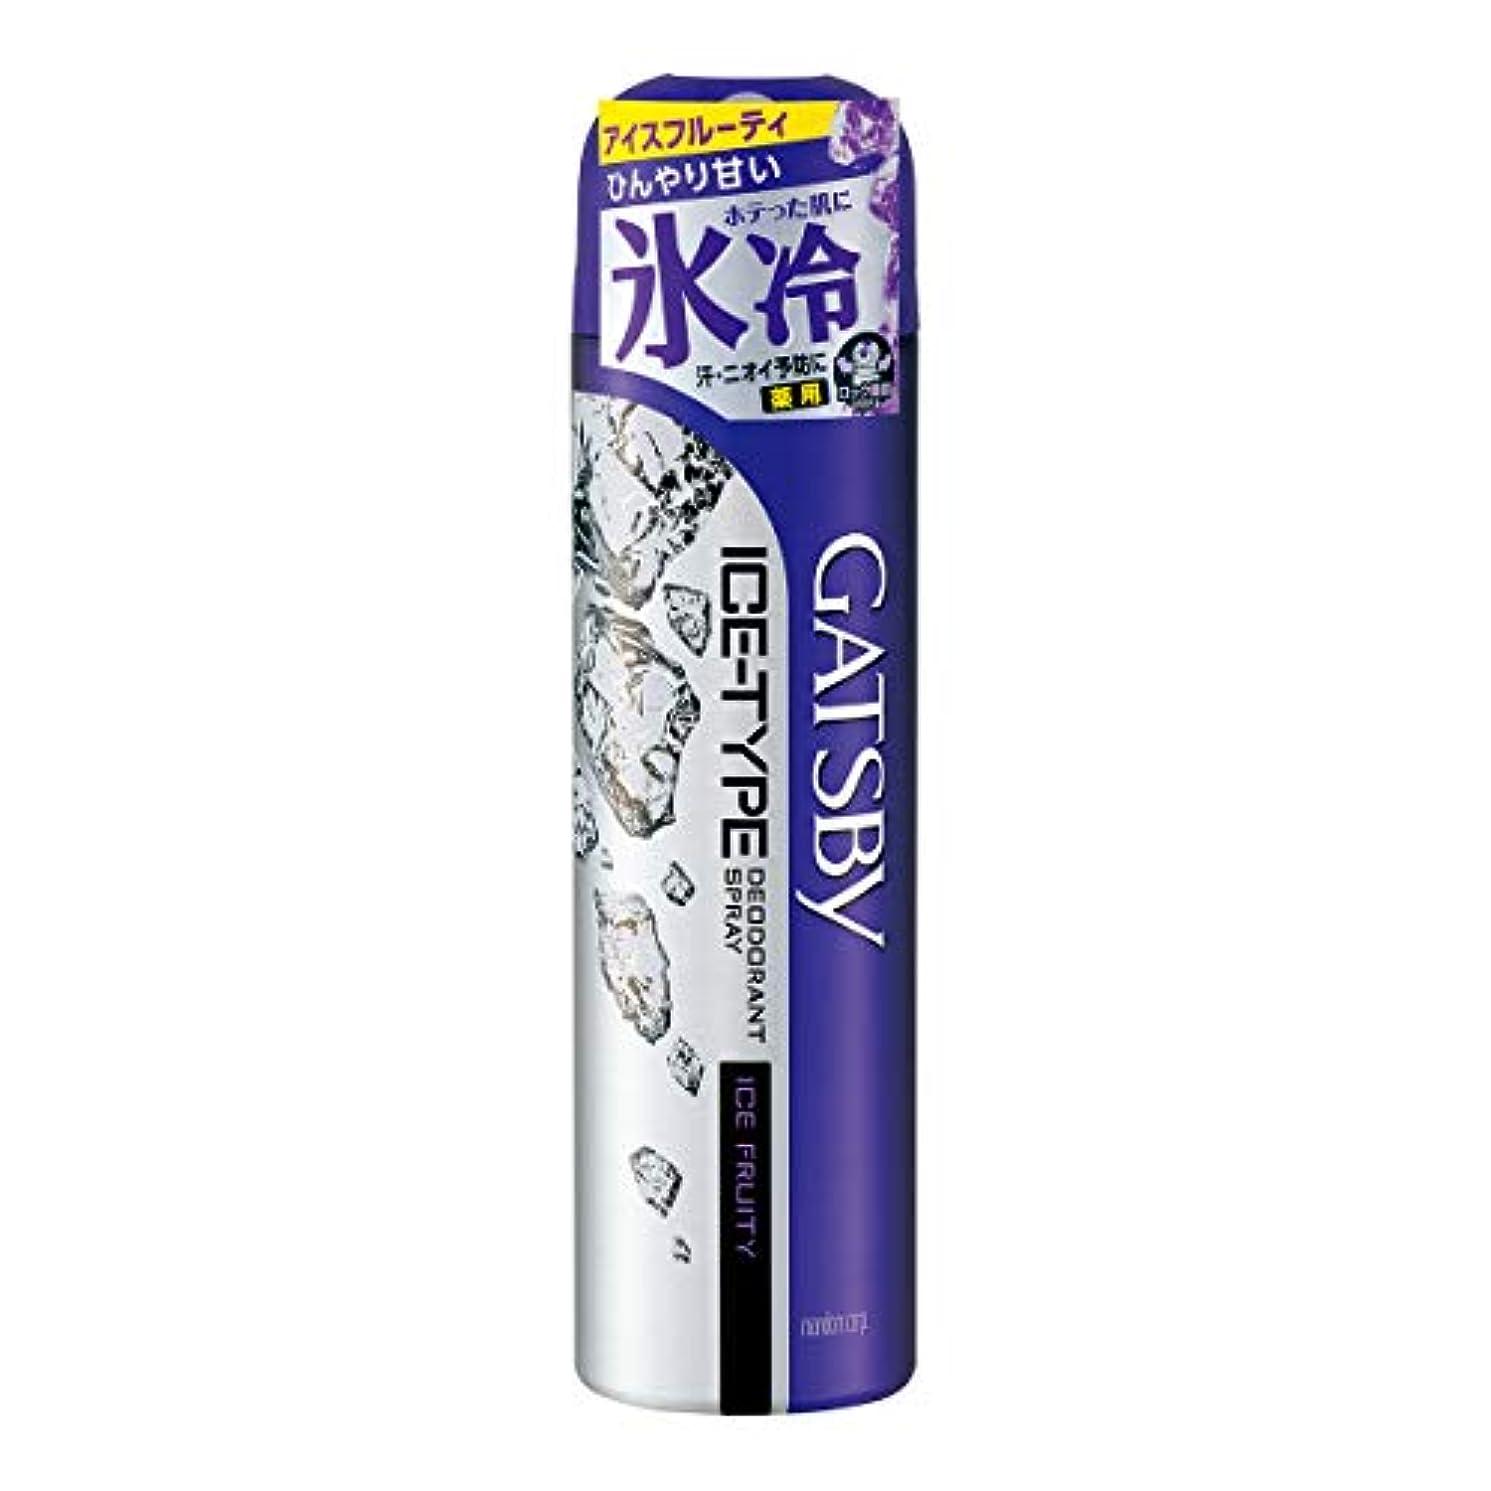 拒絶する葉パークギャツビー アイスデオドラントスプレー アイスフルーティ 135g (医薬部外品)